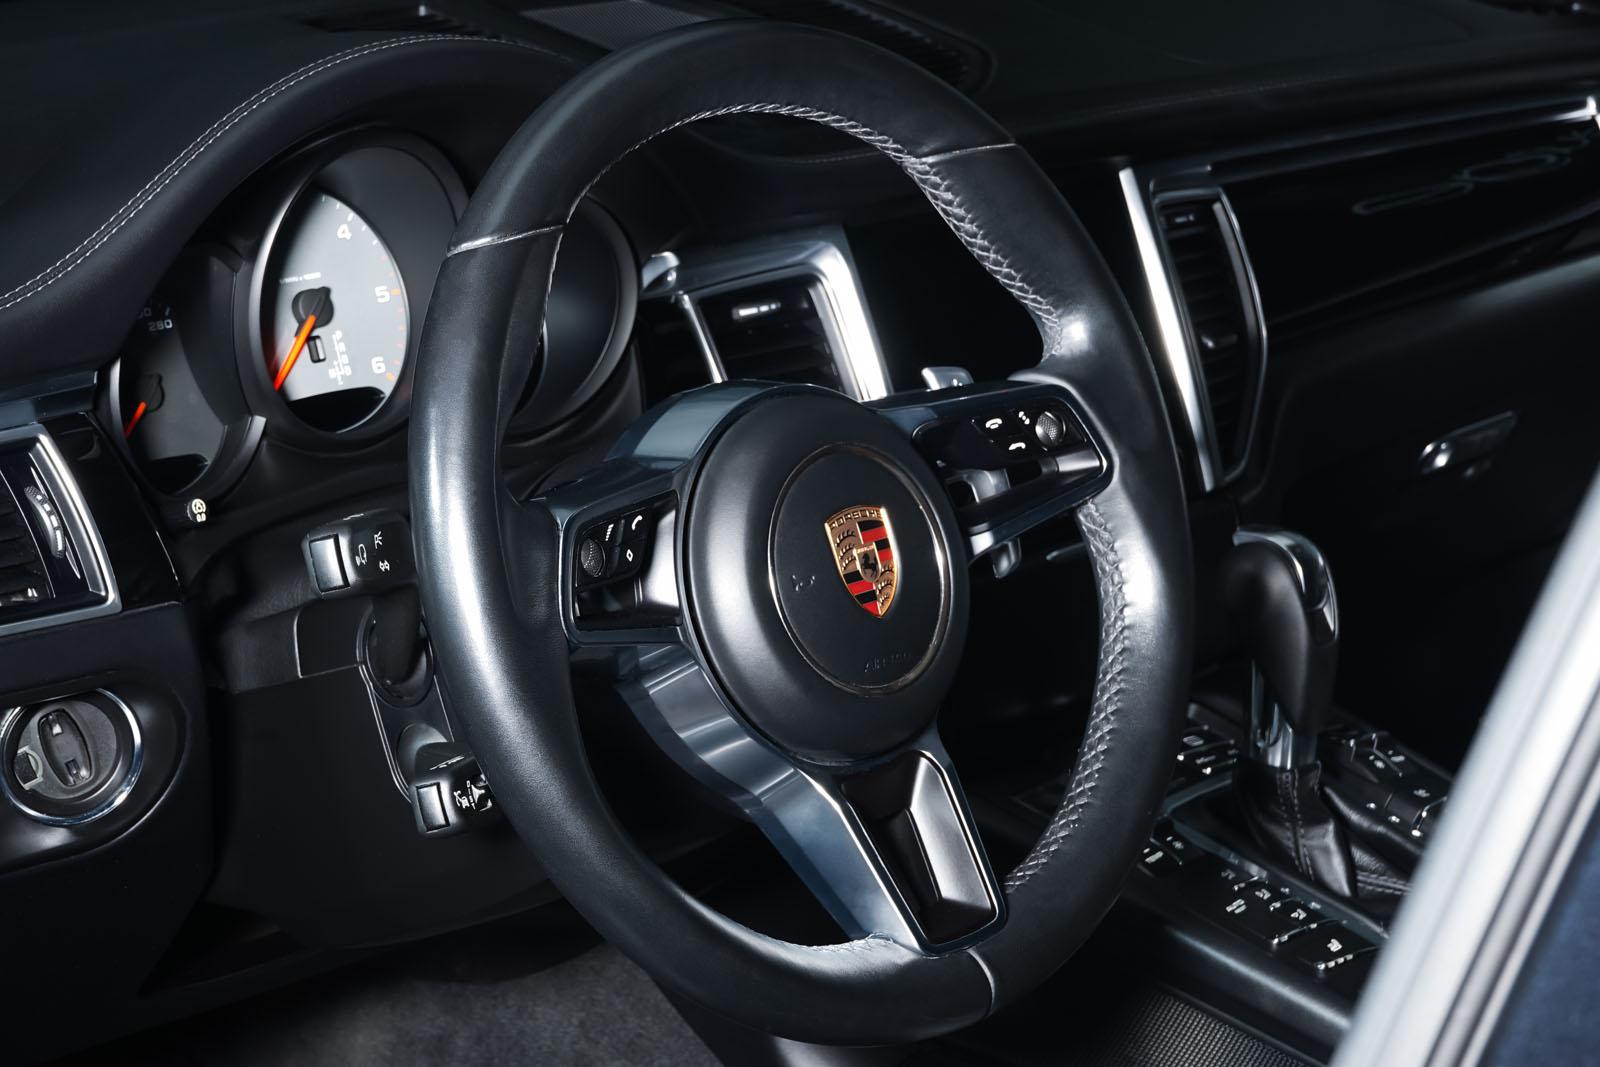 Porsche_Macan_S_Tiefschwarz_Schwarz_POR-1108_10_w